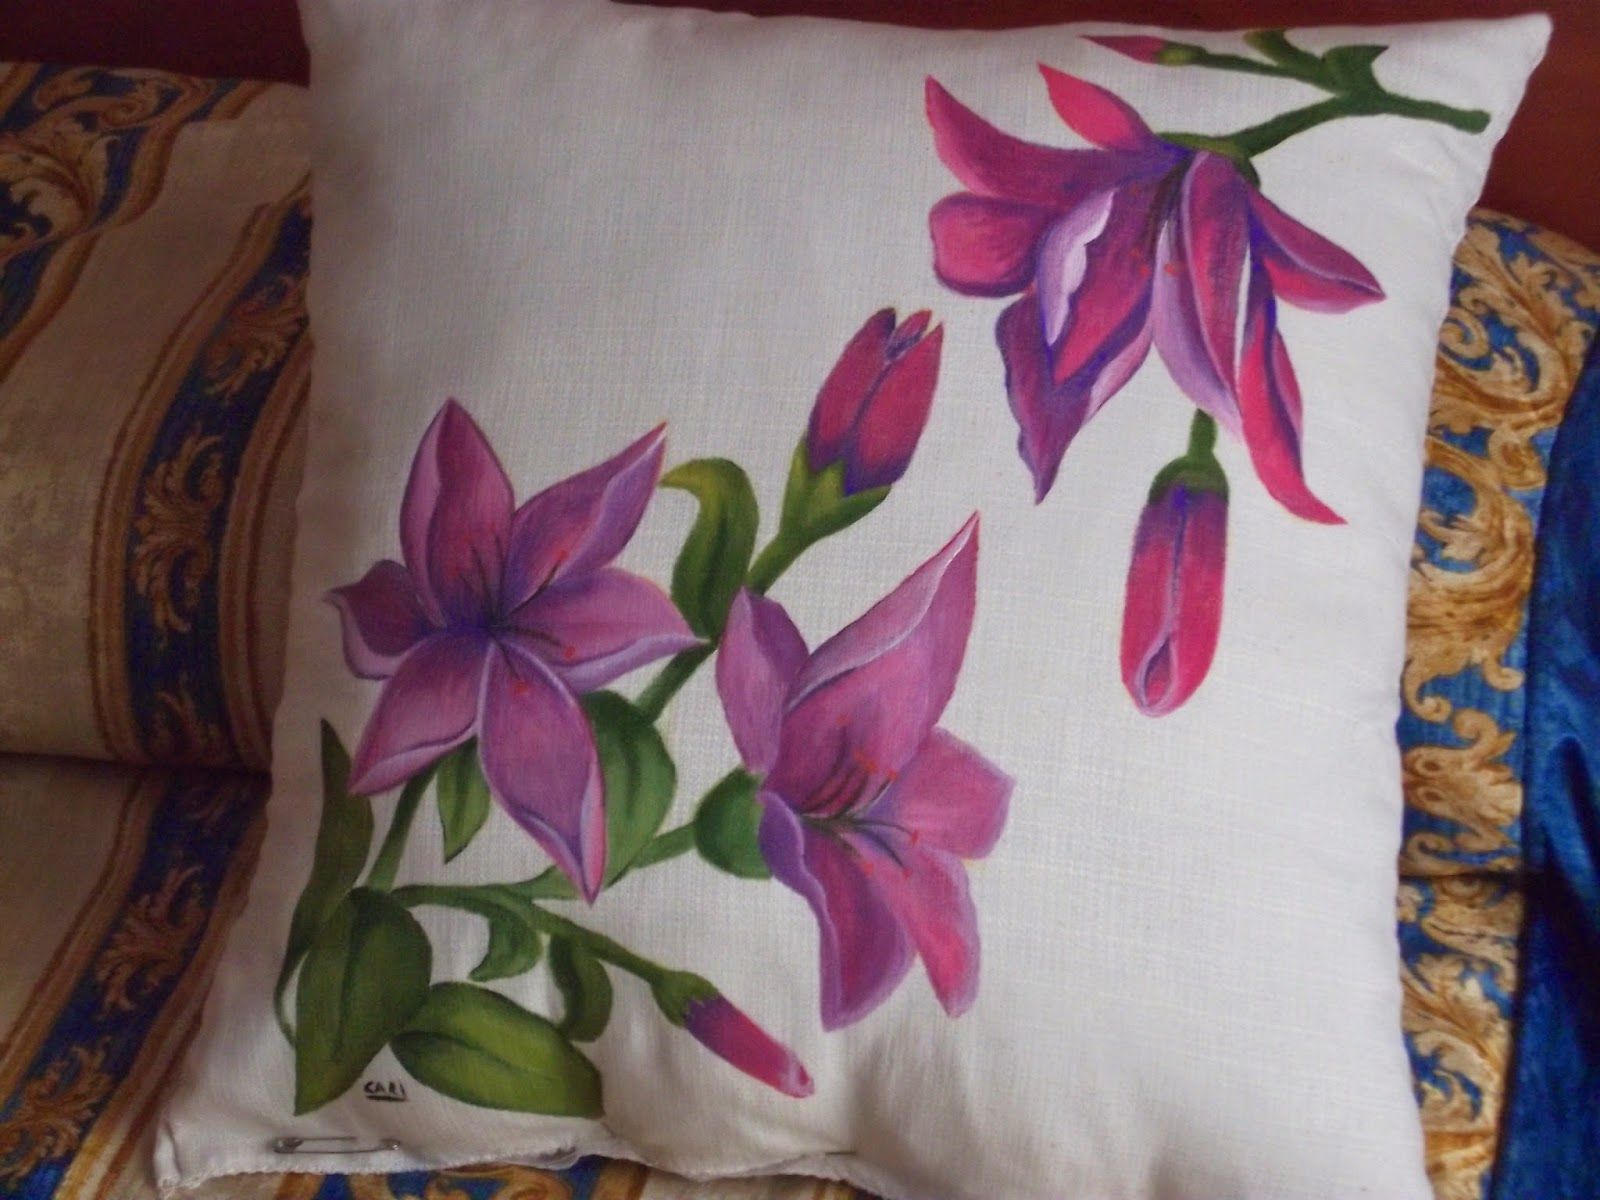 Cosas de cari cojin de flores lilas pintado sobre tela - Cojines pintados en tela ...